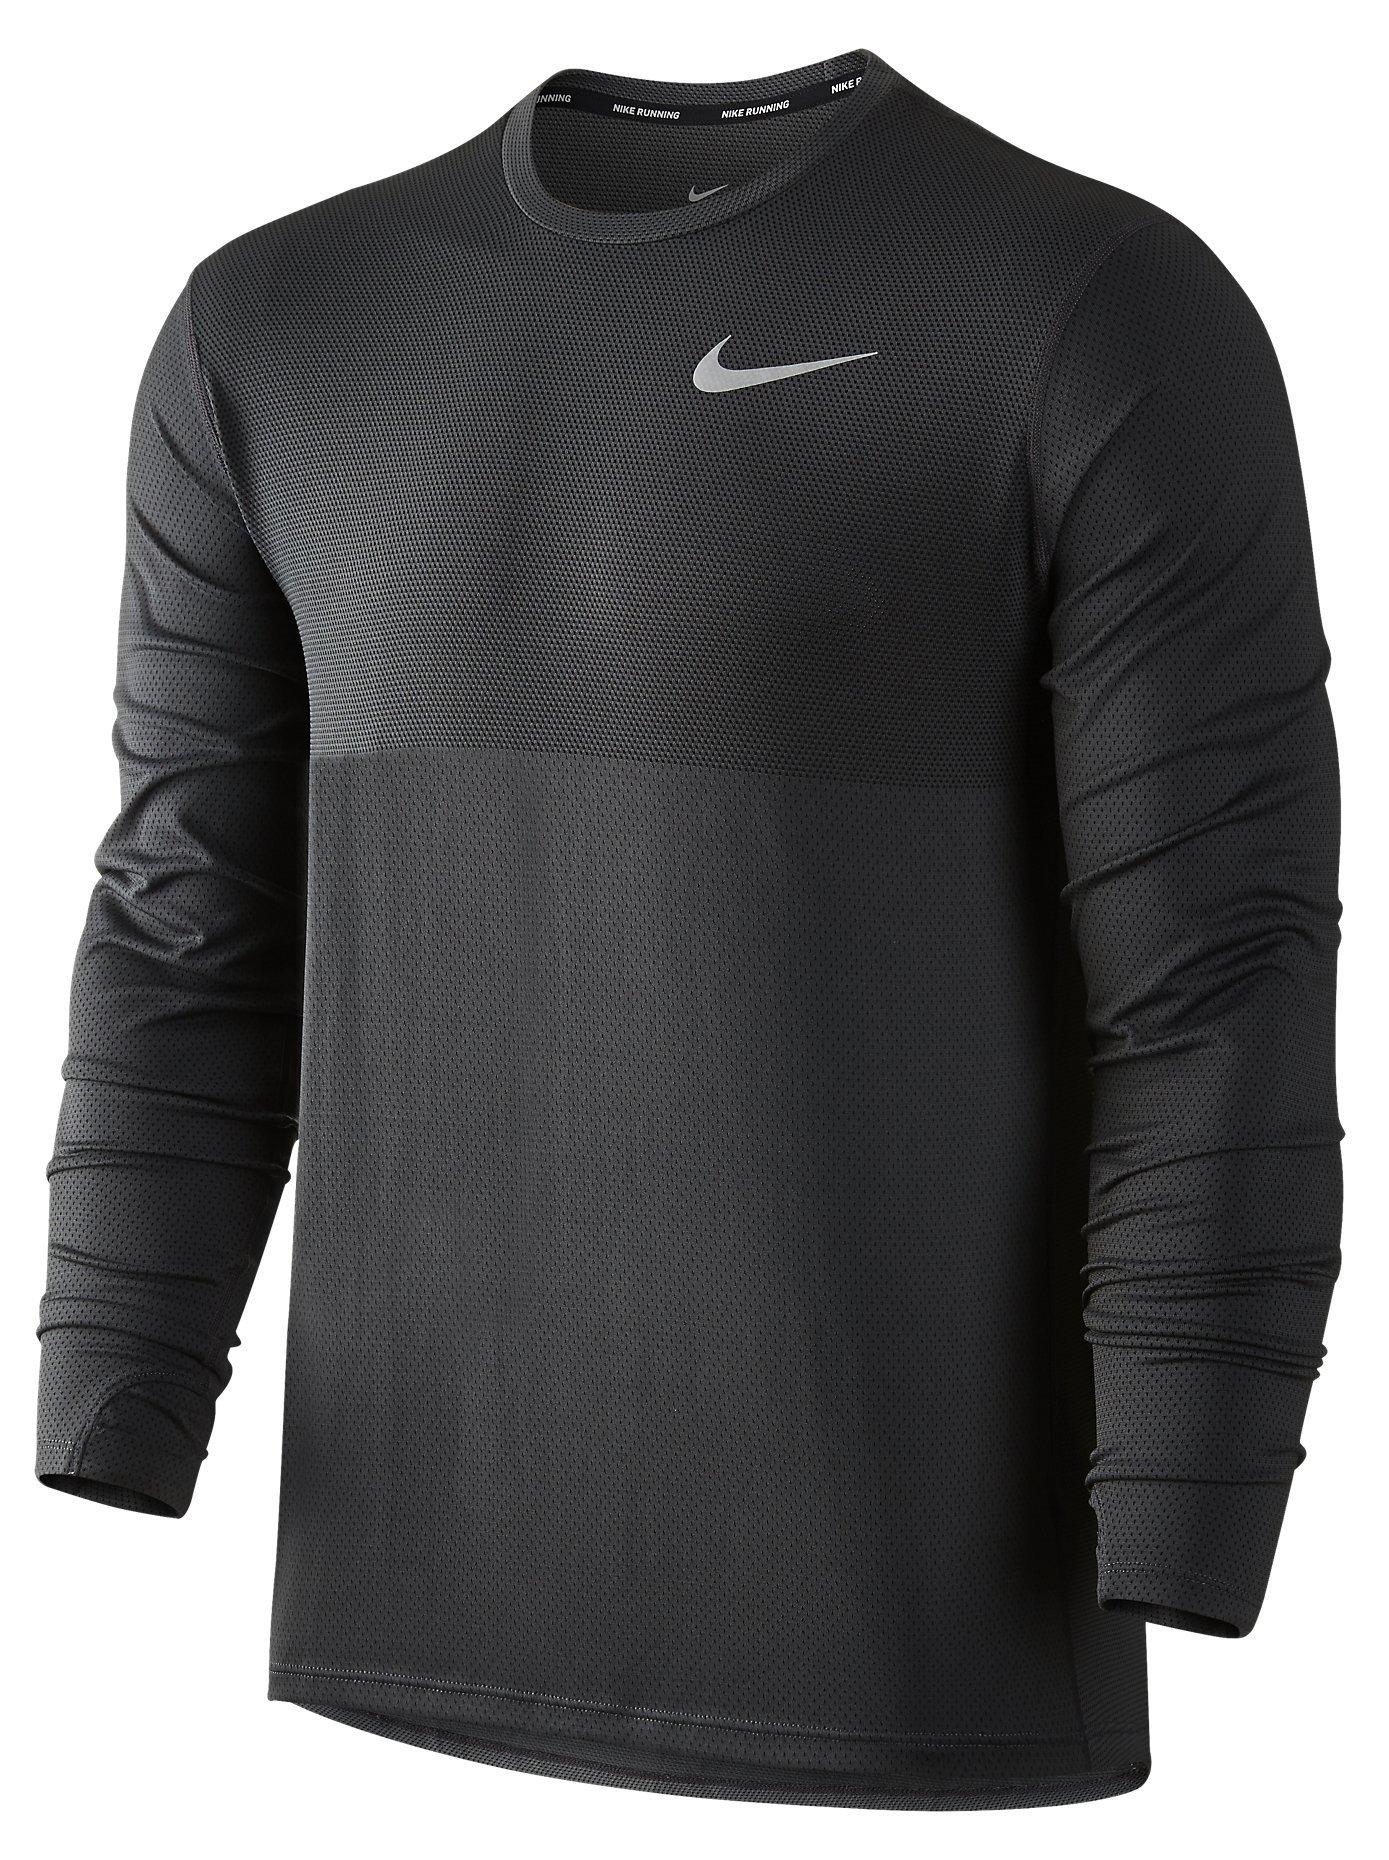 Tričko Nike Zonal Cooling Relay